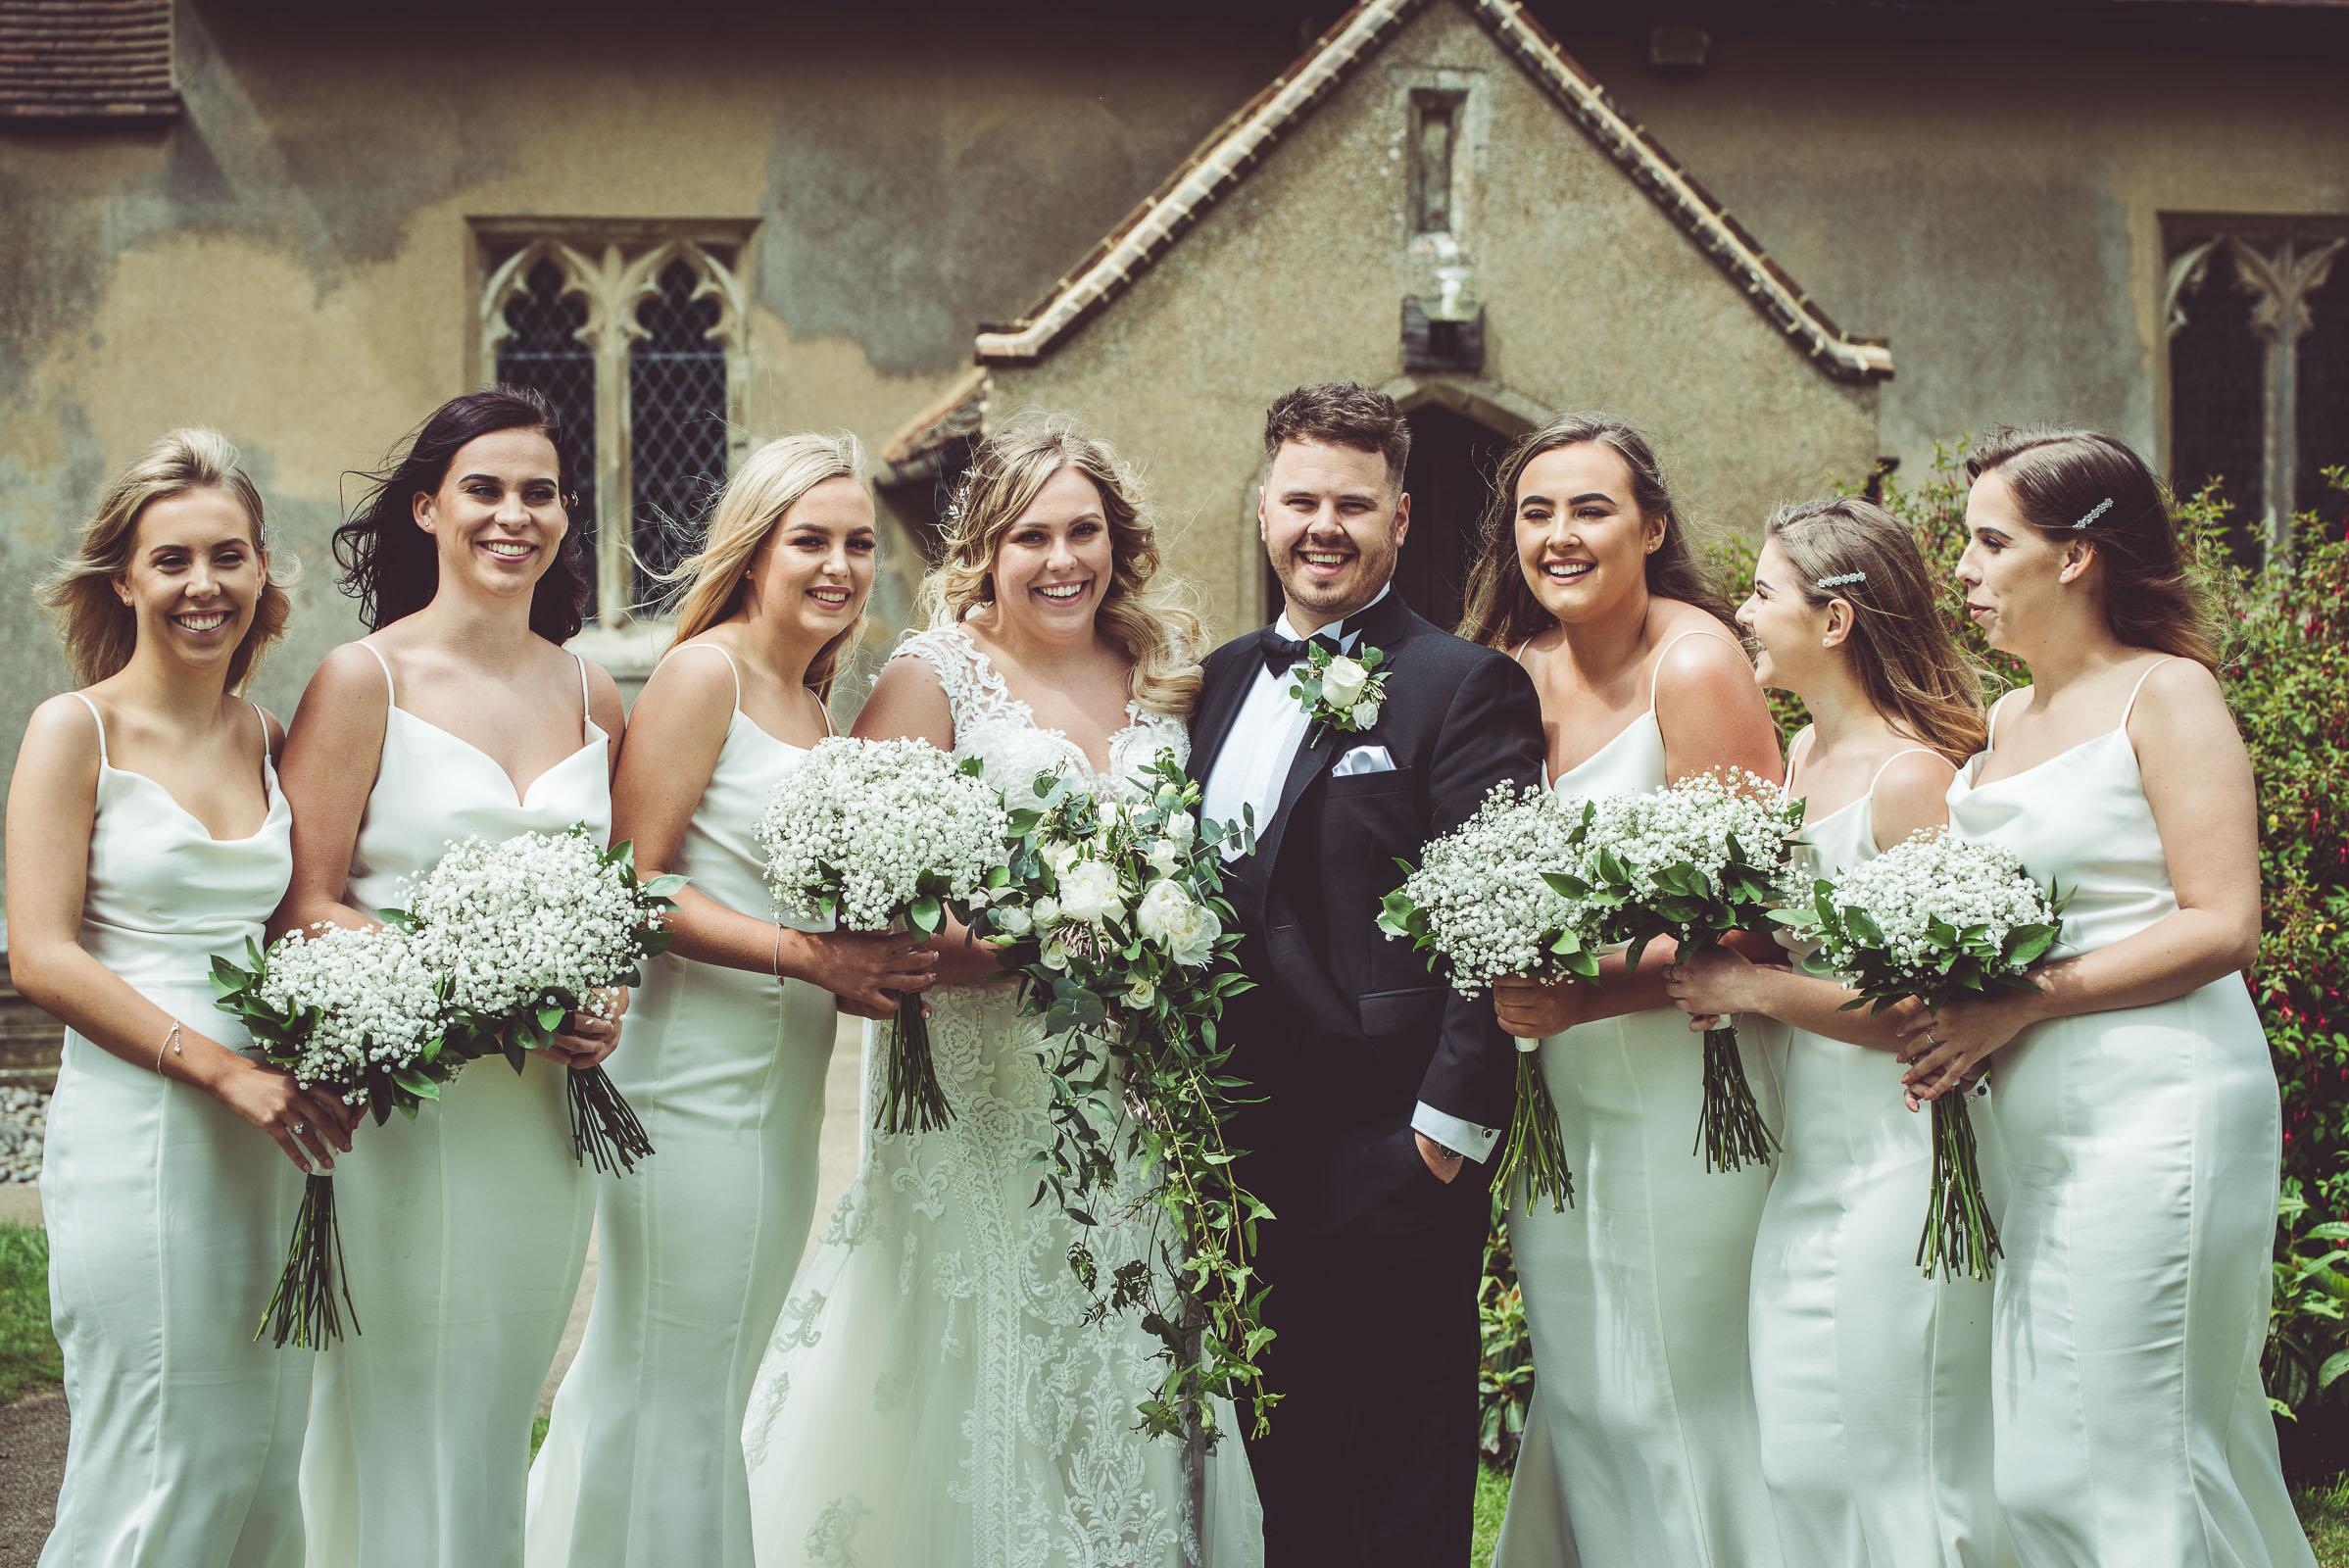 Lutonhoo-wedding-Bedfordshire-Datchworth-Tewinburyfarm-52.jpg